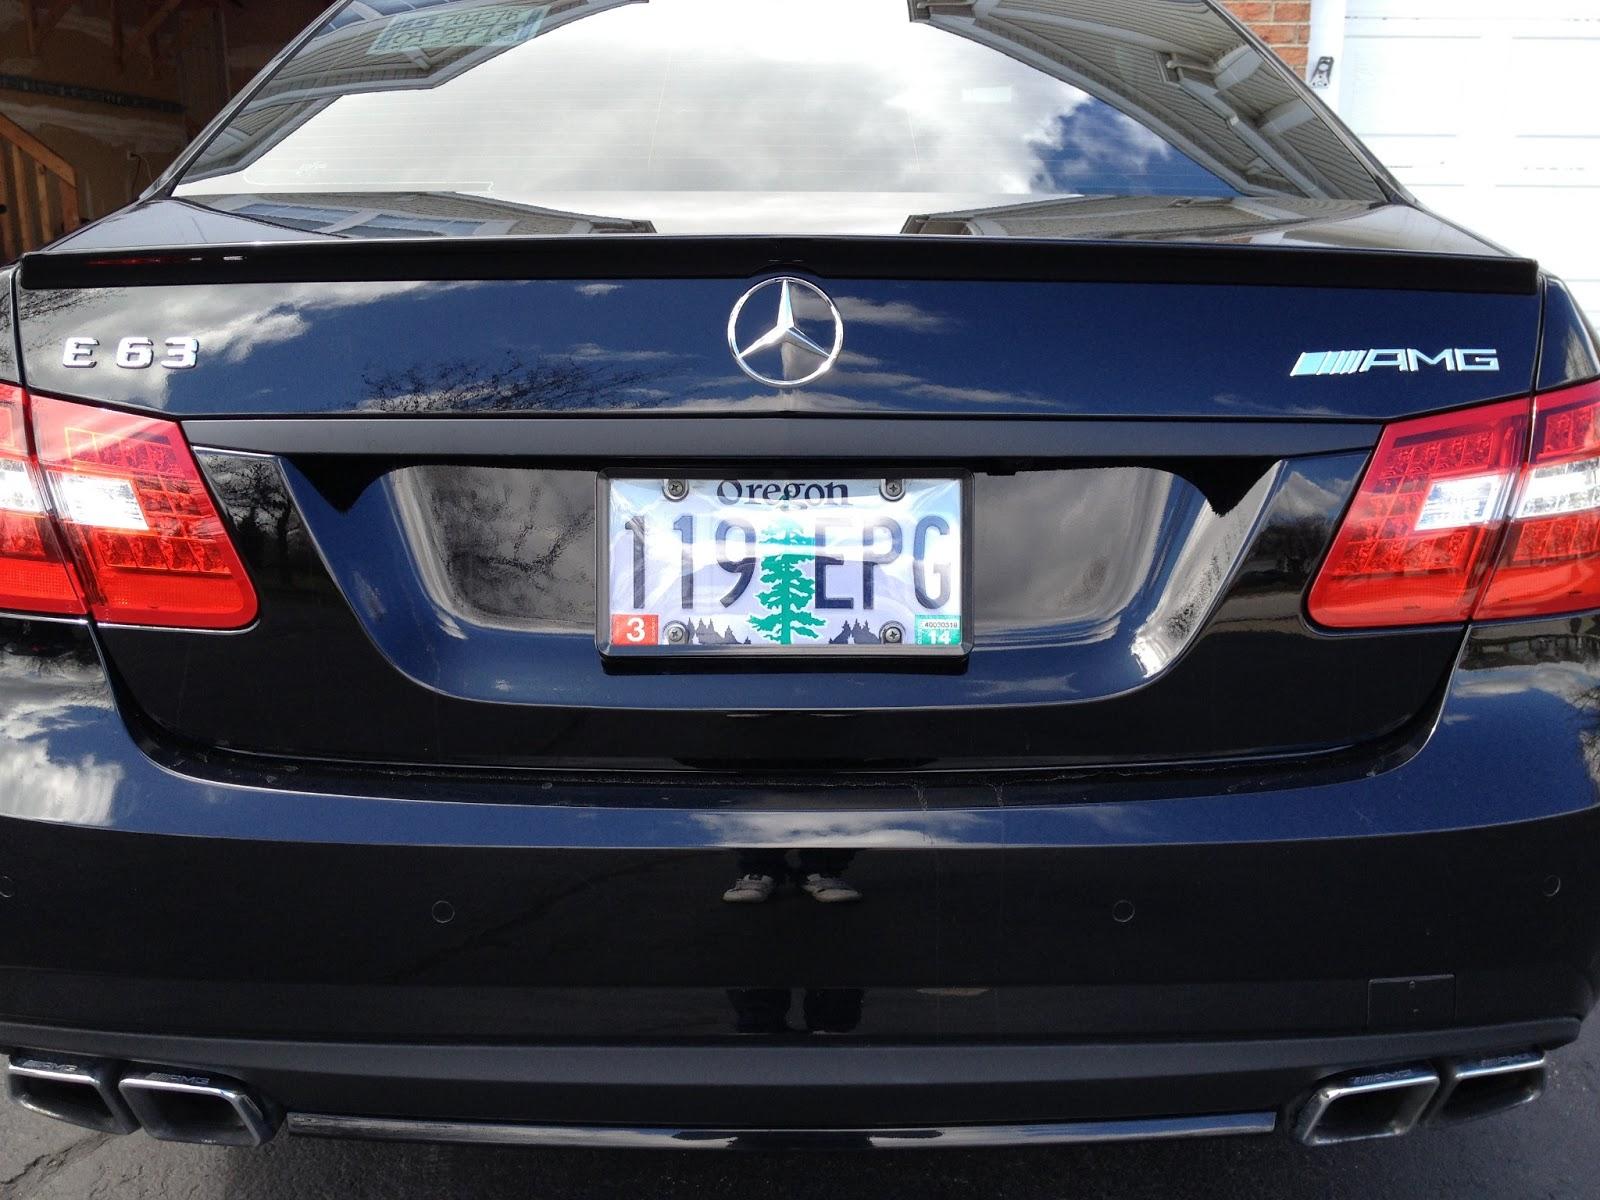 Mercedes W212 E63 AMG Mods : Blackout Trunk Chrome - E63 AMG